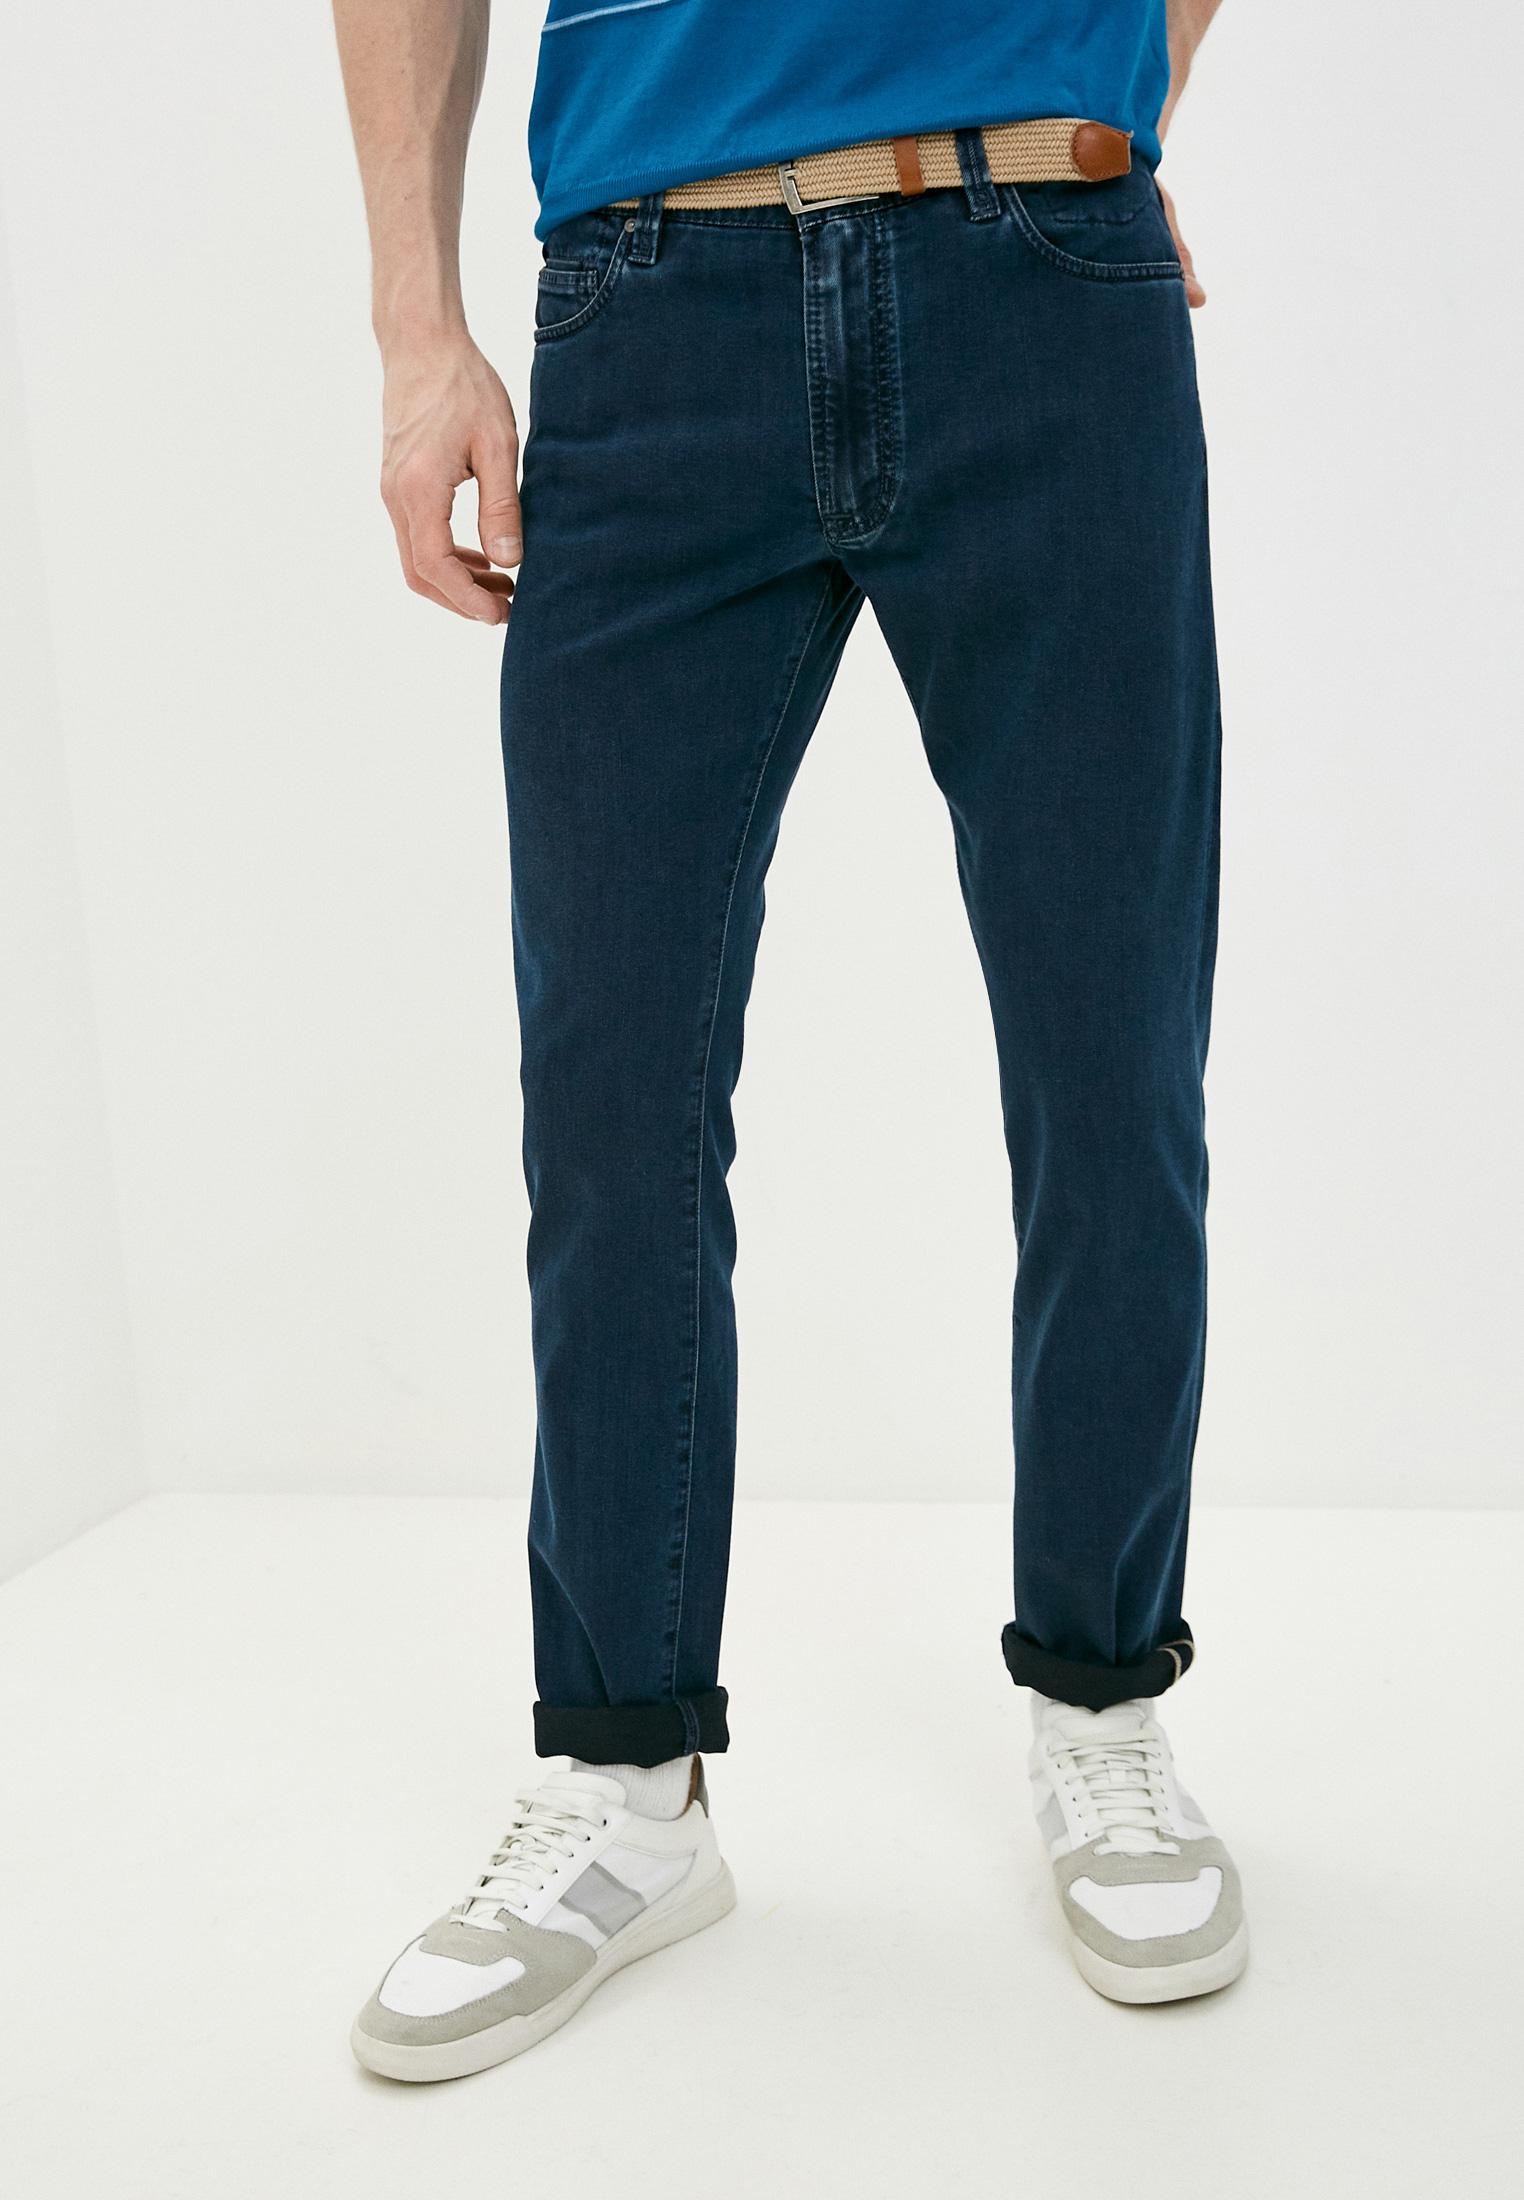 Зауженные джинсы Cortigiani 113530: изображение 1